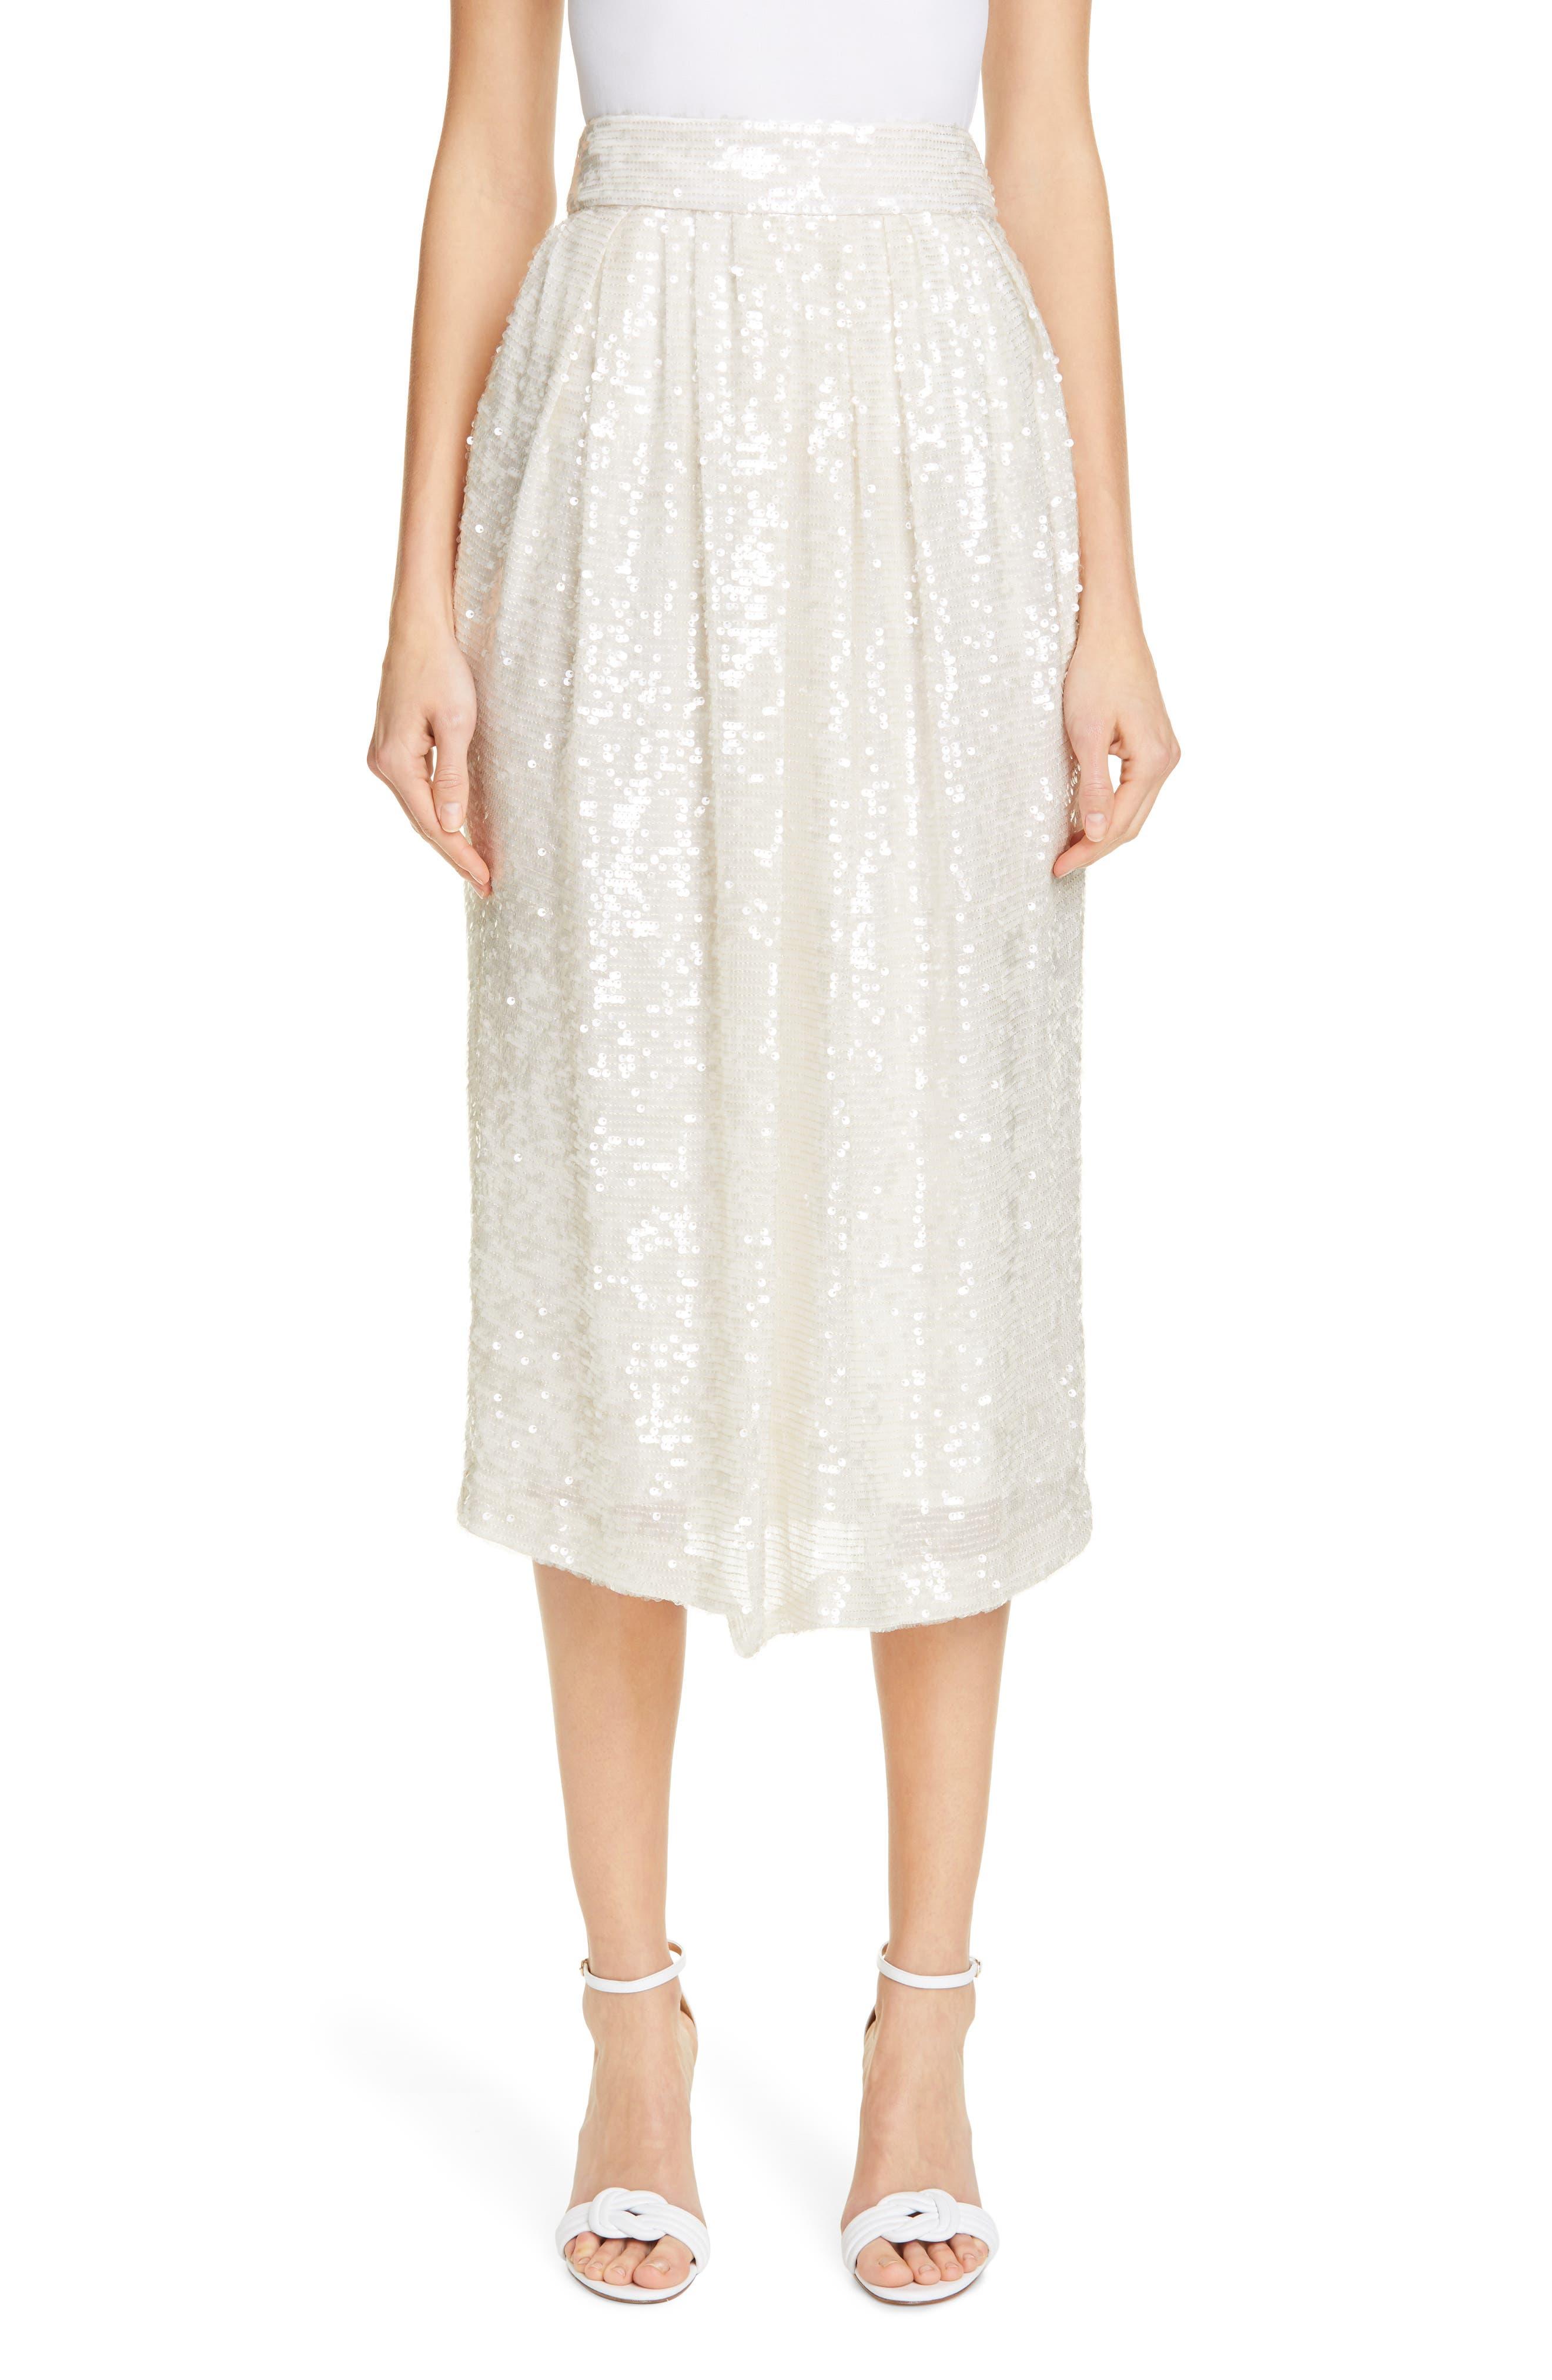 Adam Lippes Skirts Sequin Skirt